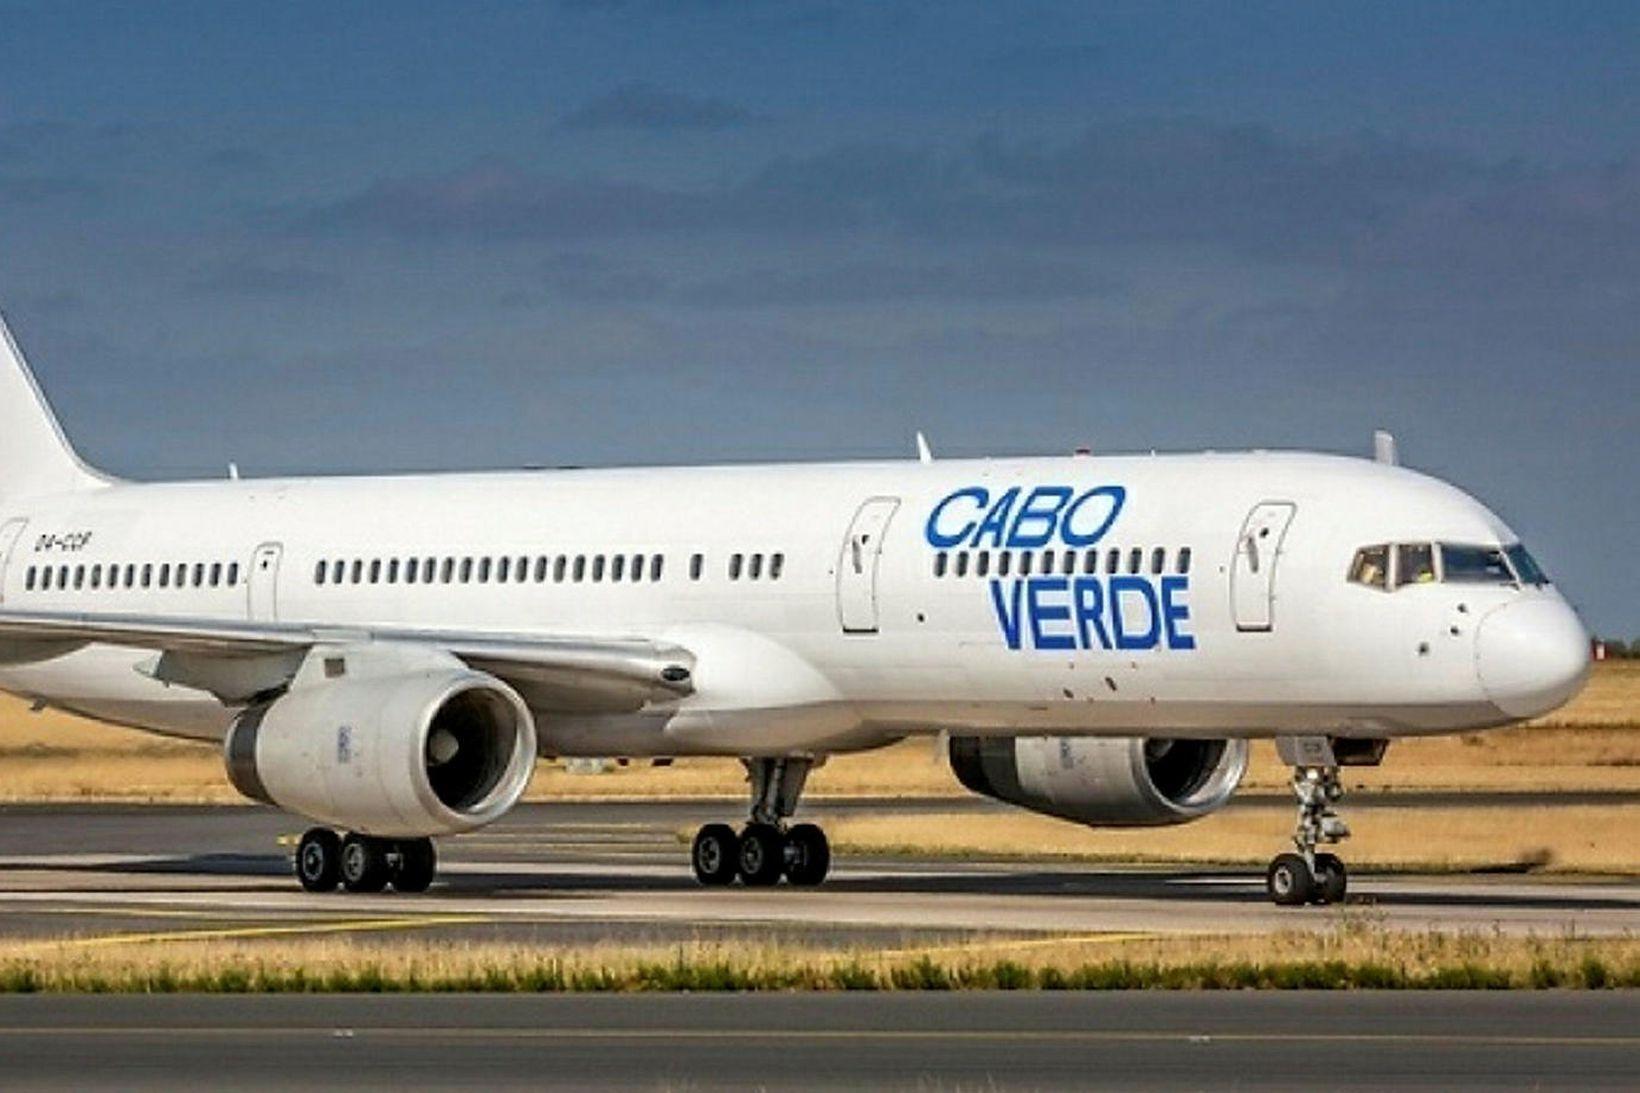 Flugvél Cabo Verde Airlines.